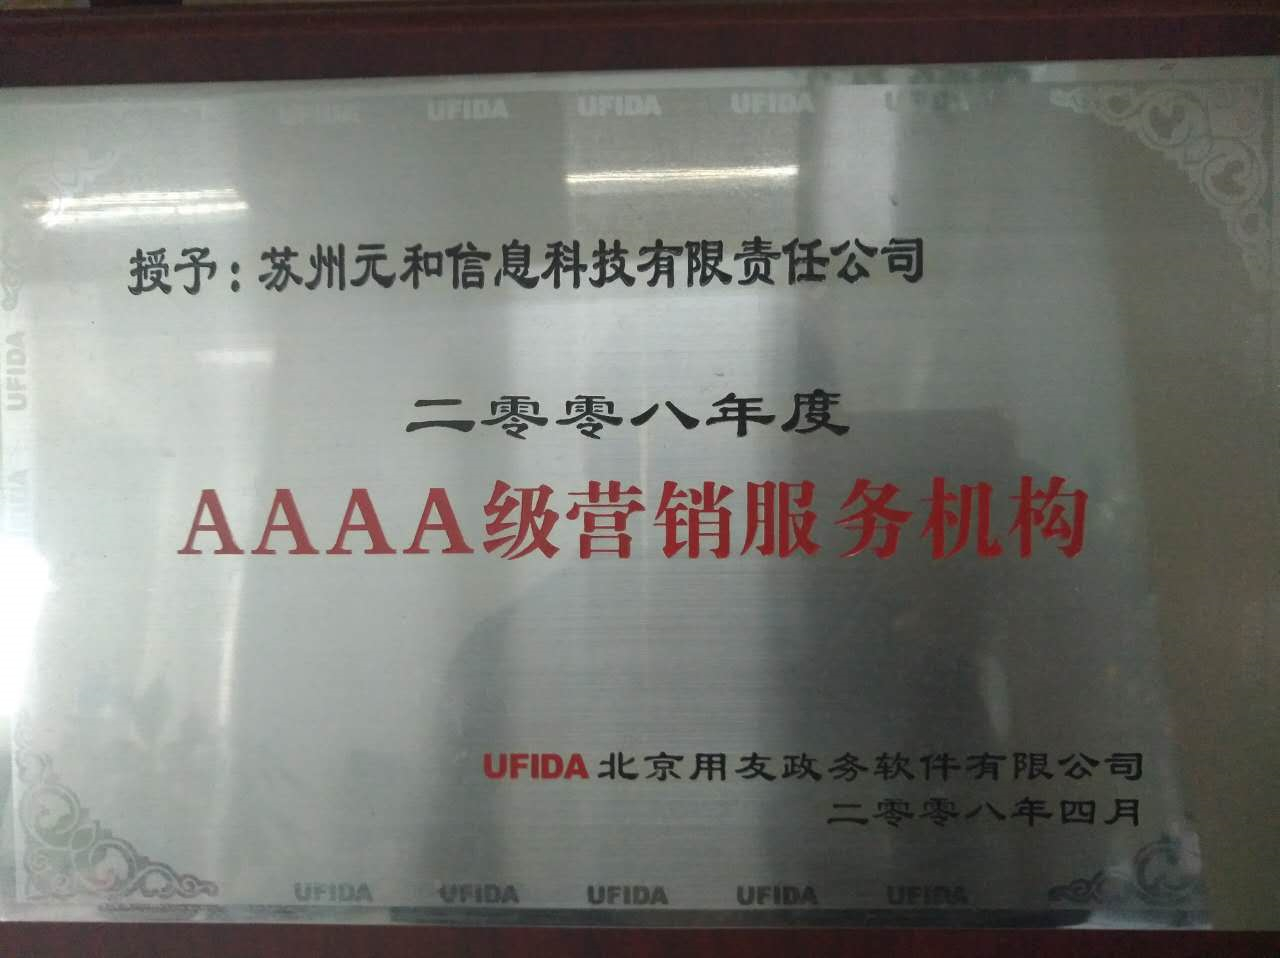 AAAA級營銷服務機構